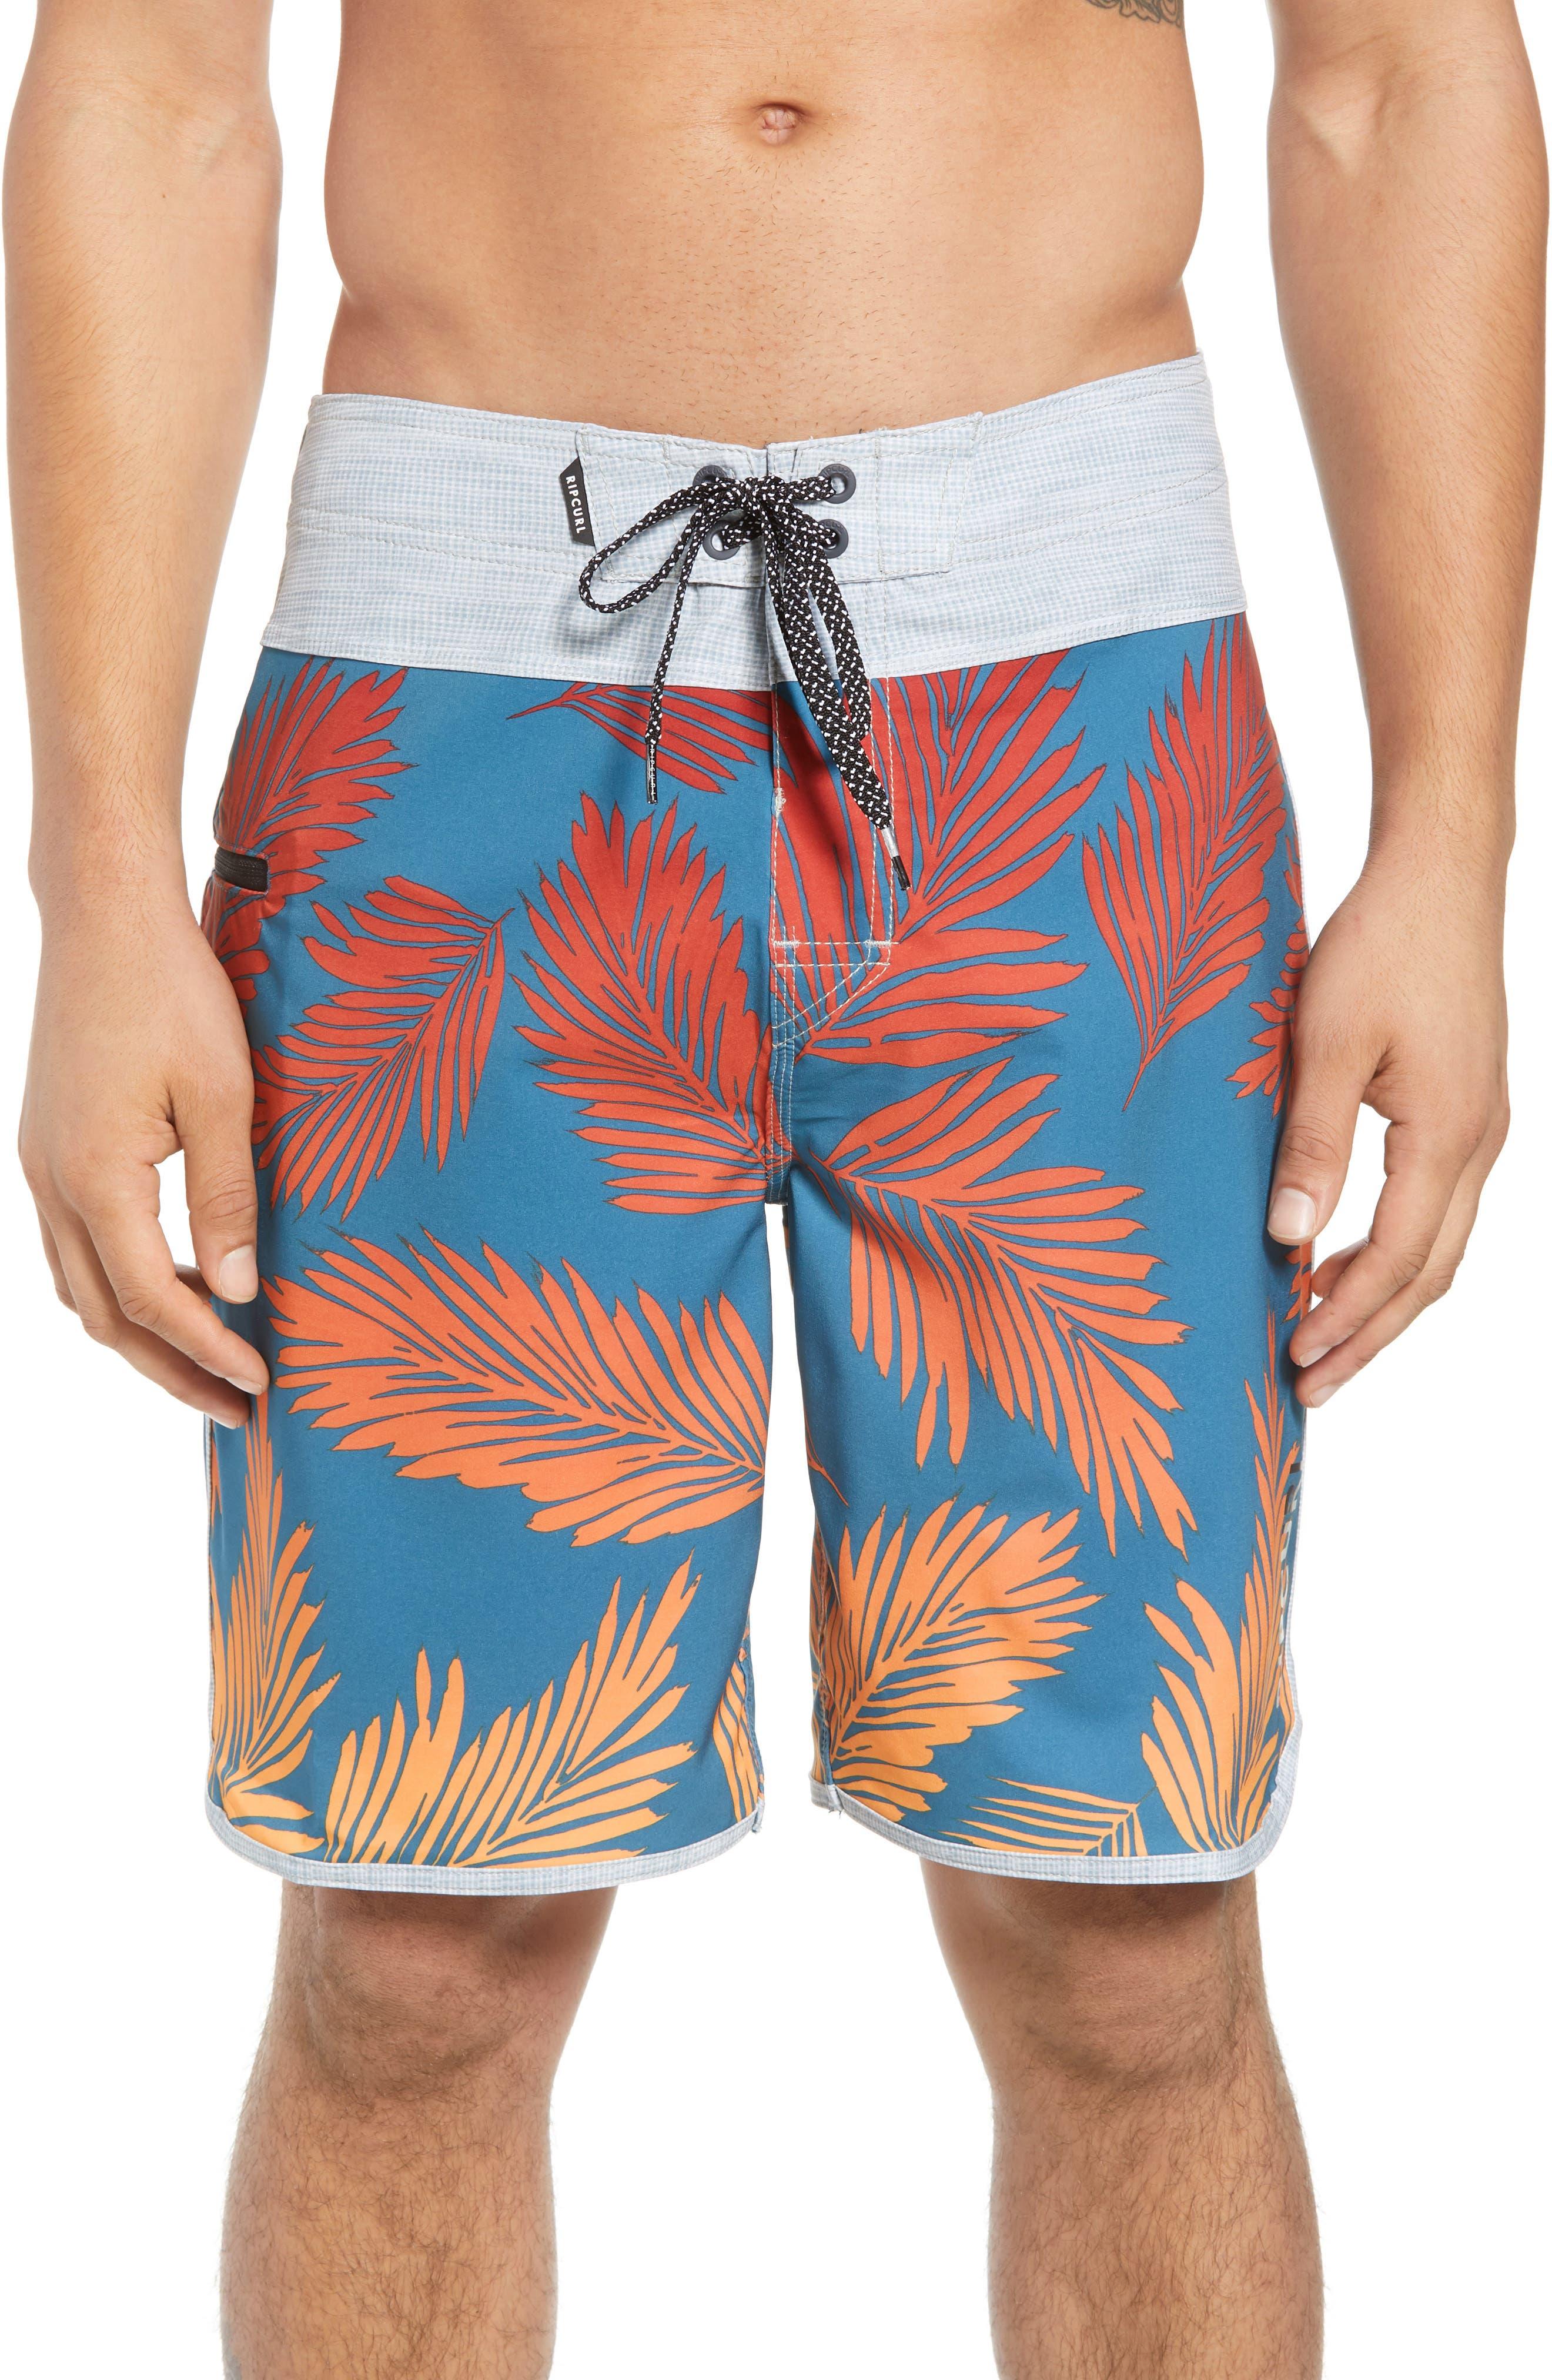 Mirage Mason Rockies Board Shorts,                             Main thumbnail 1, color,